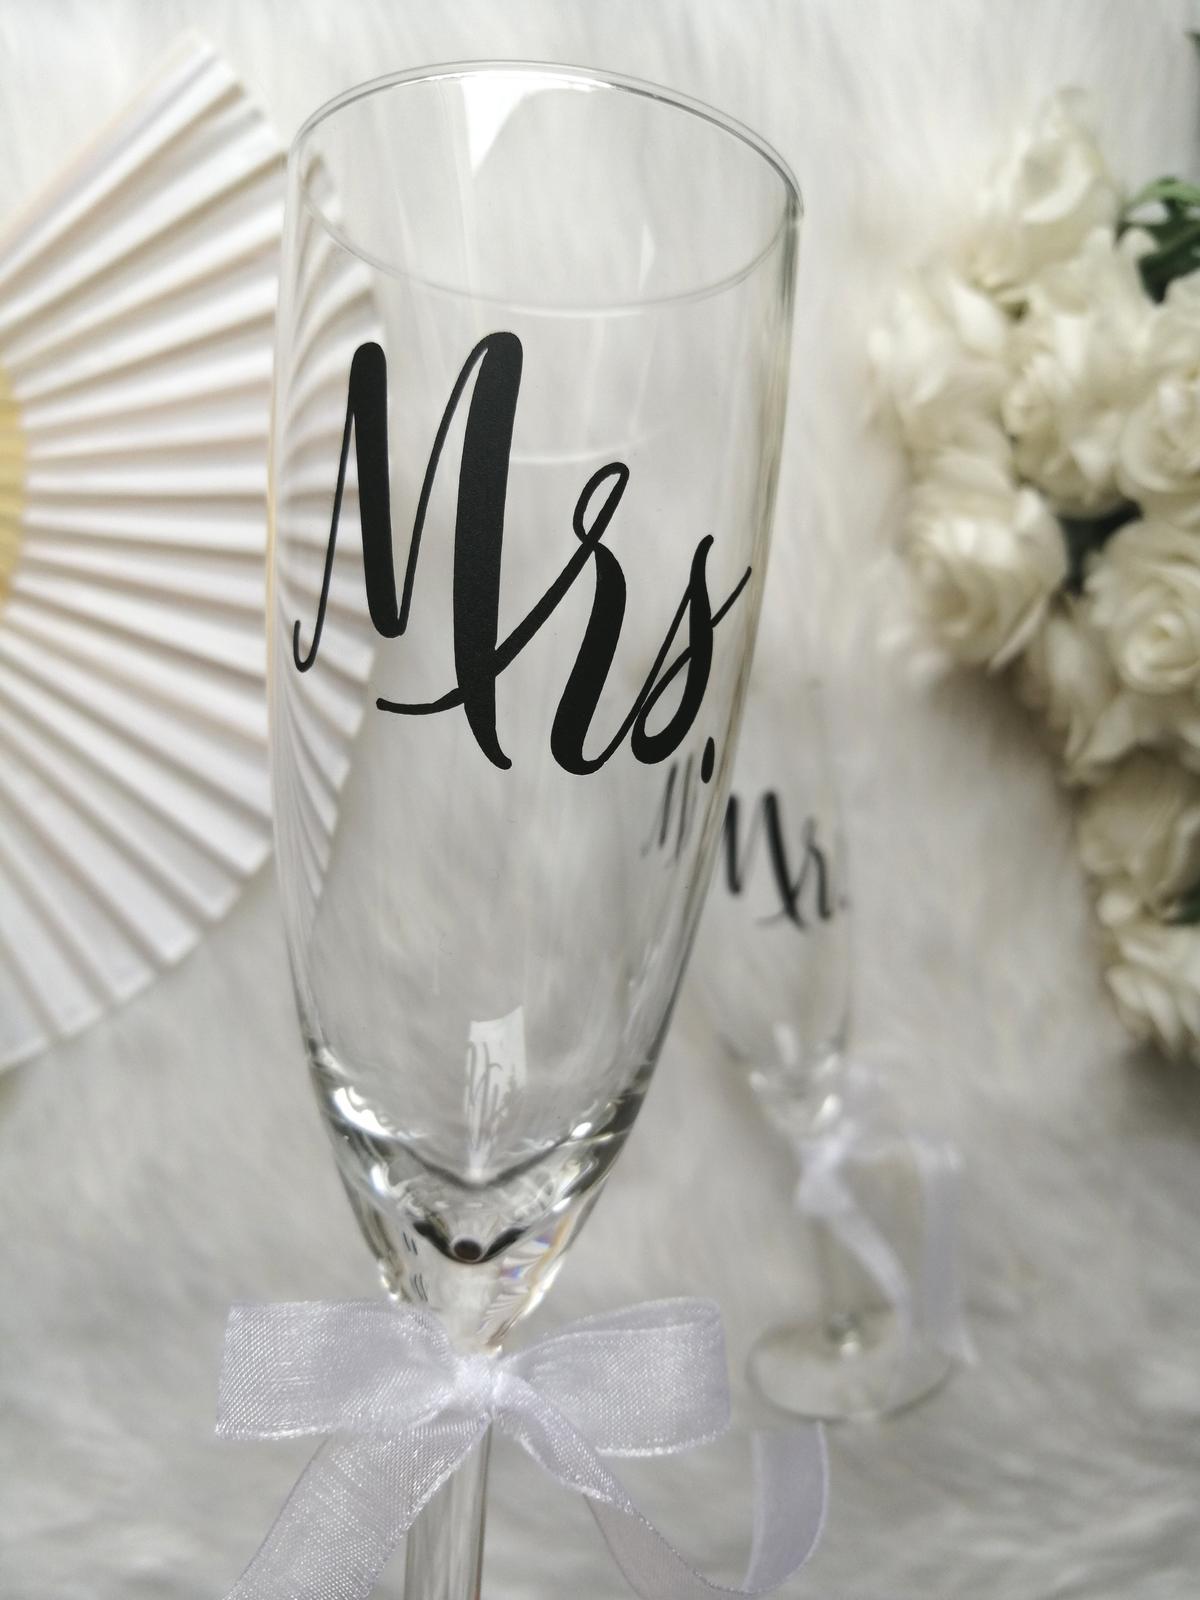 Svadobné poháre MR. a MRS. - Obrázok č. 1